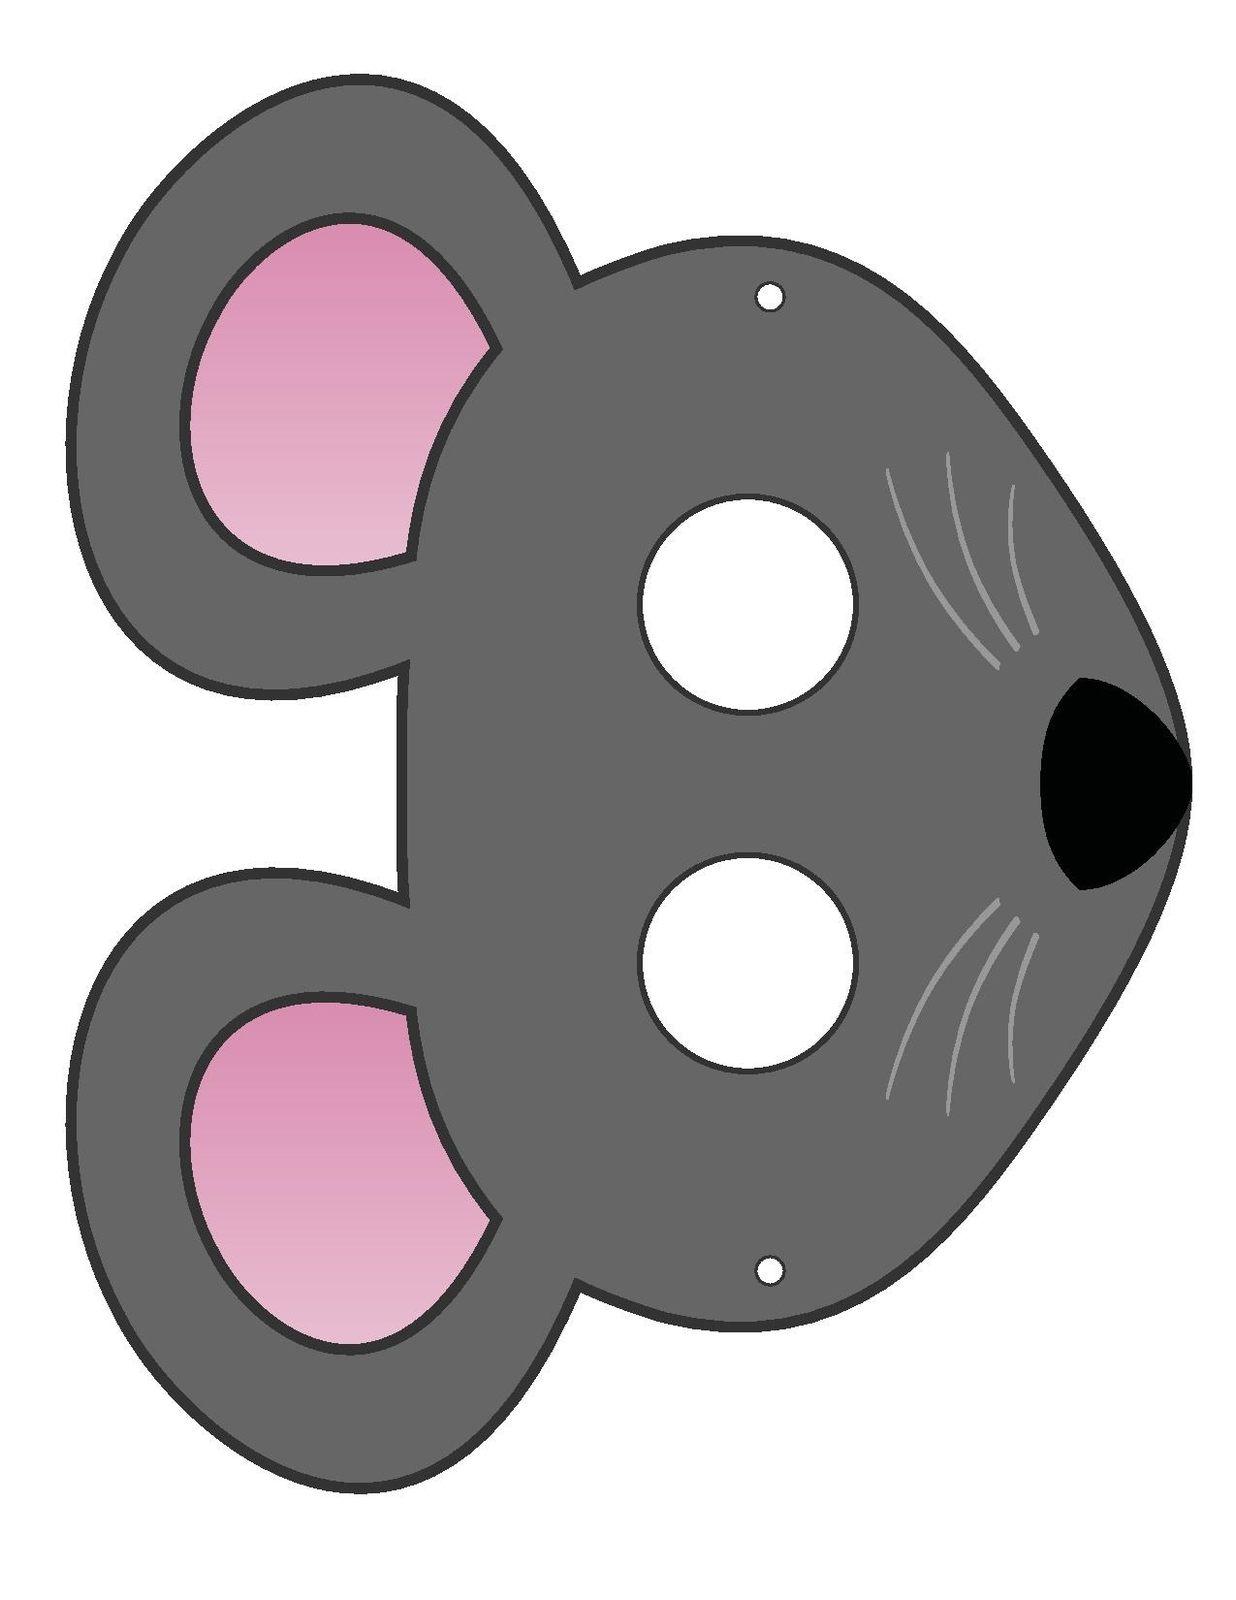 Маска Мышки на голову из бумаги - распечатай шаблон бесплатно